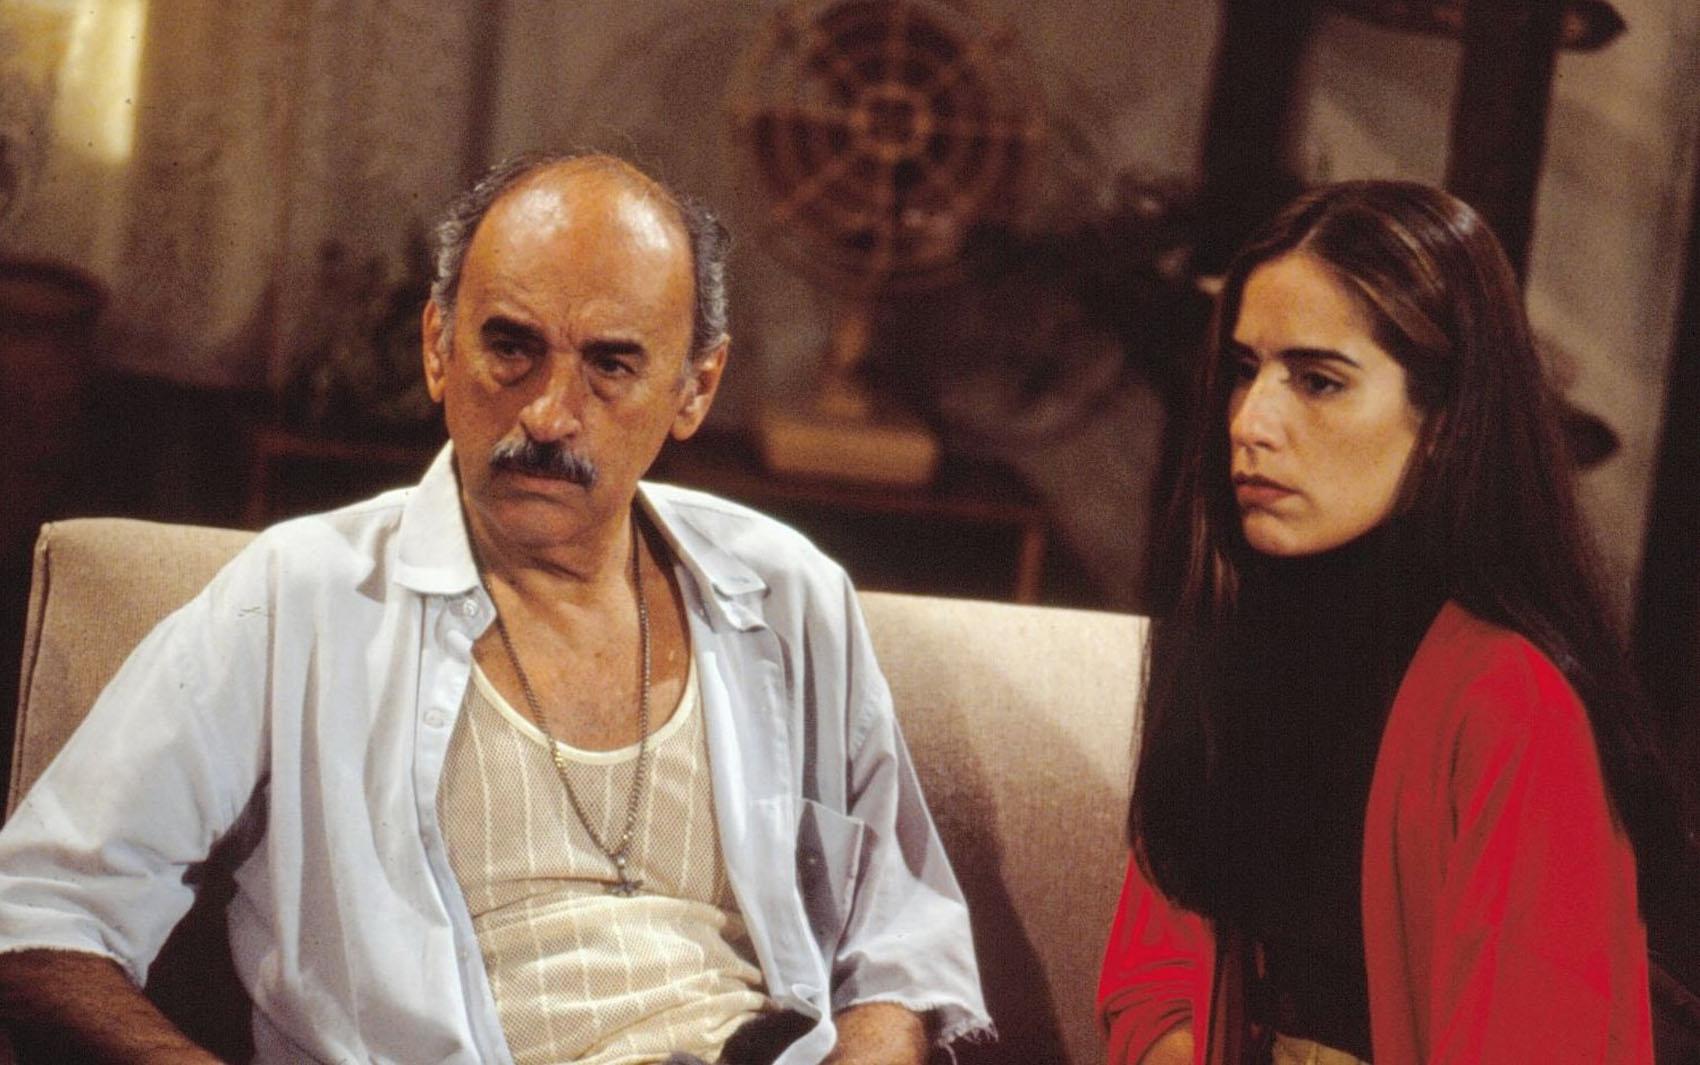 Gloria Pires e Sebastião Vasconcelos, como Floriano em Mulheres de Areia